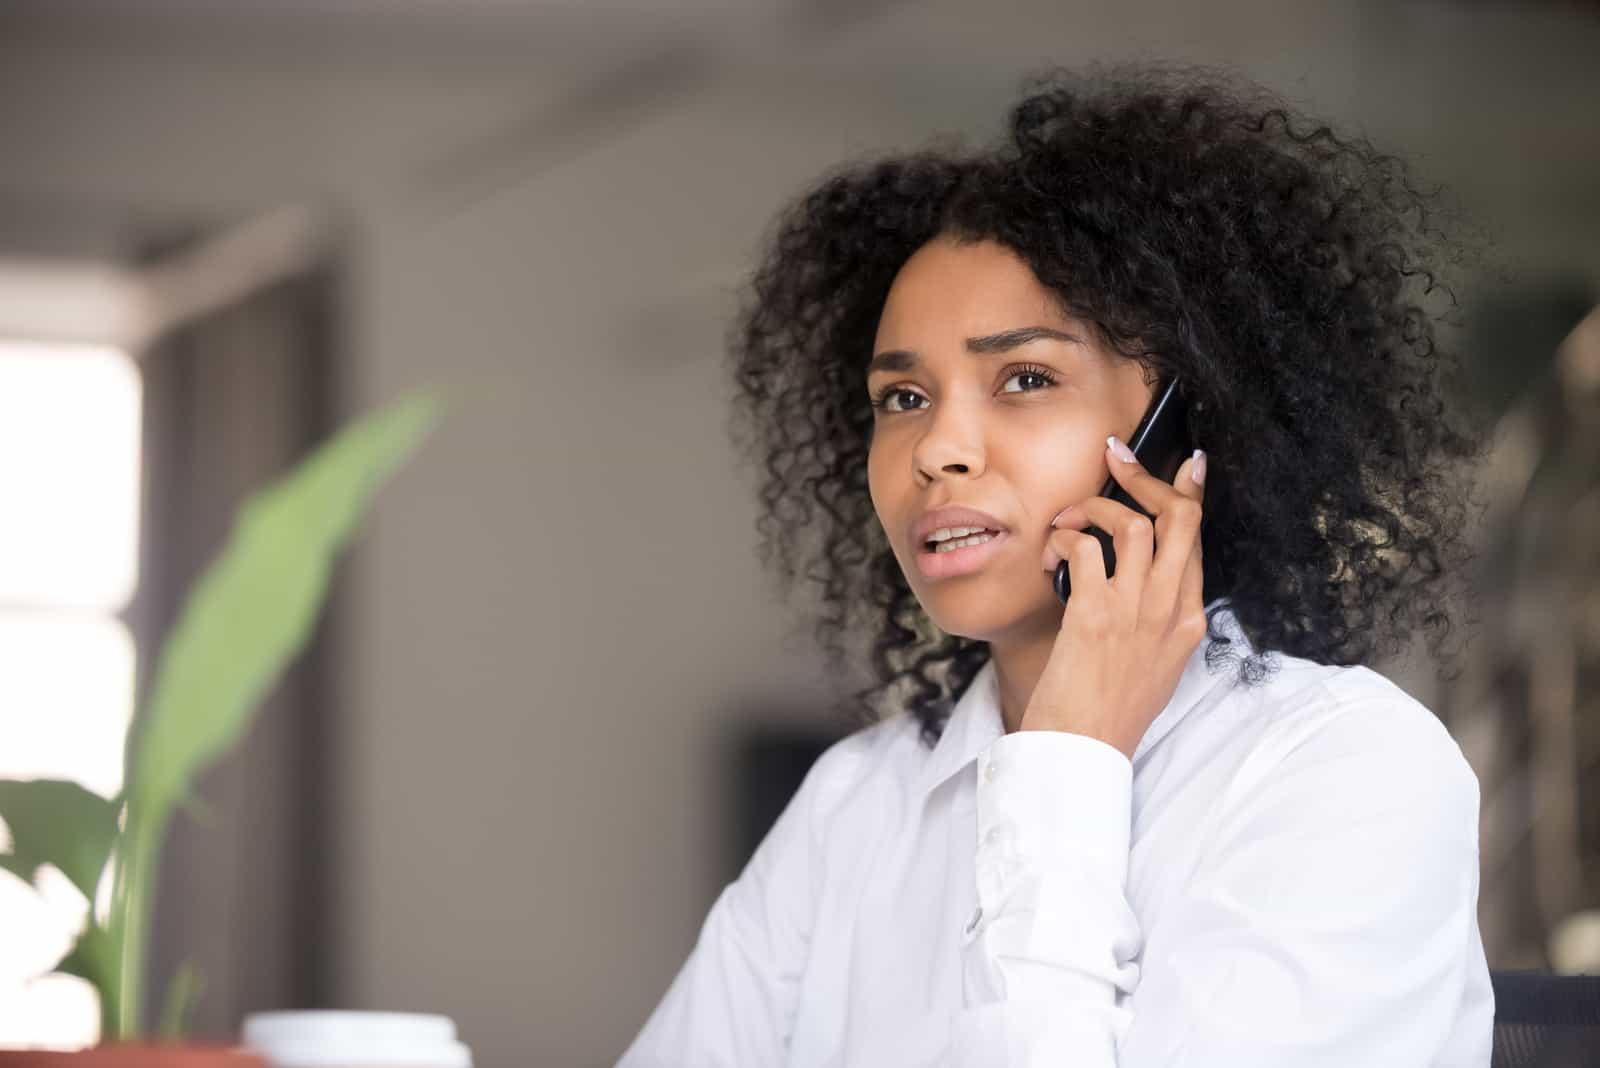 une femme aux cheveux crépus est assise et parle au téléphone